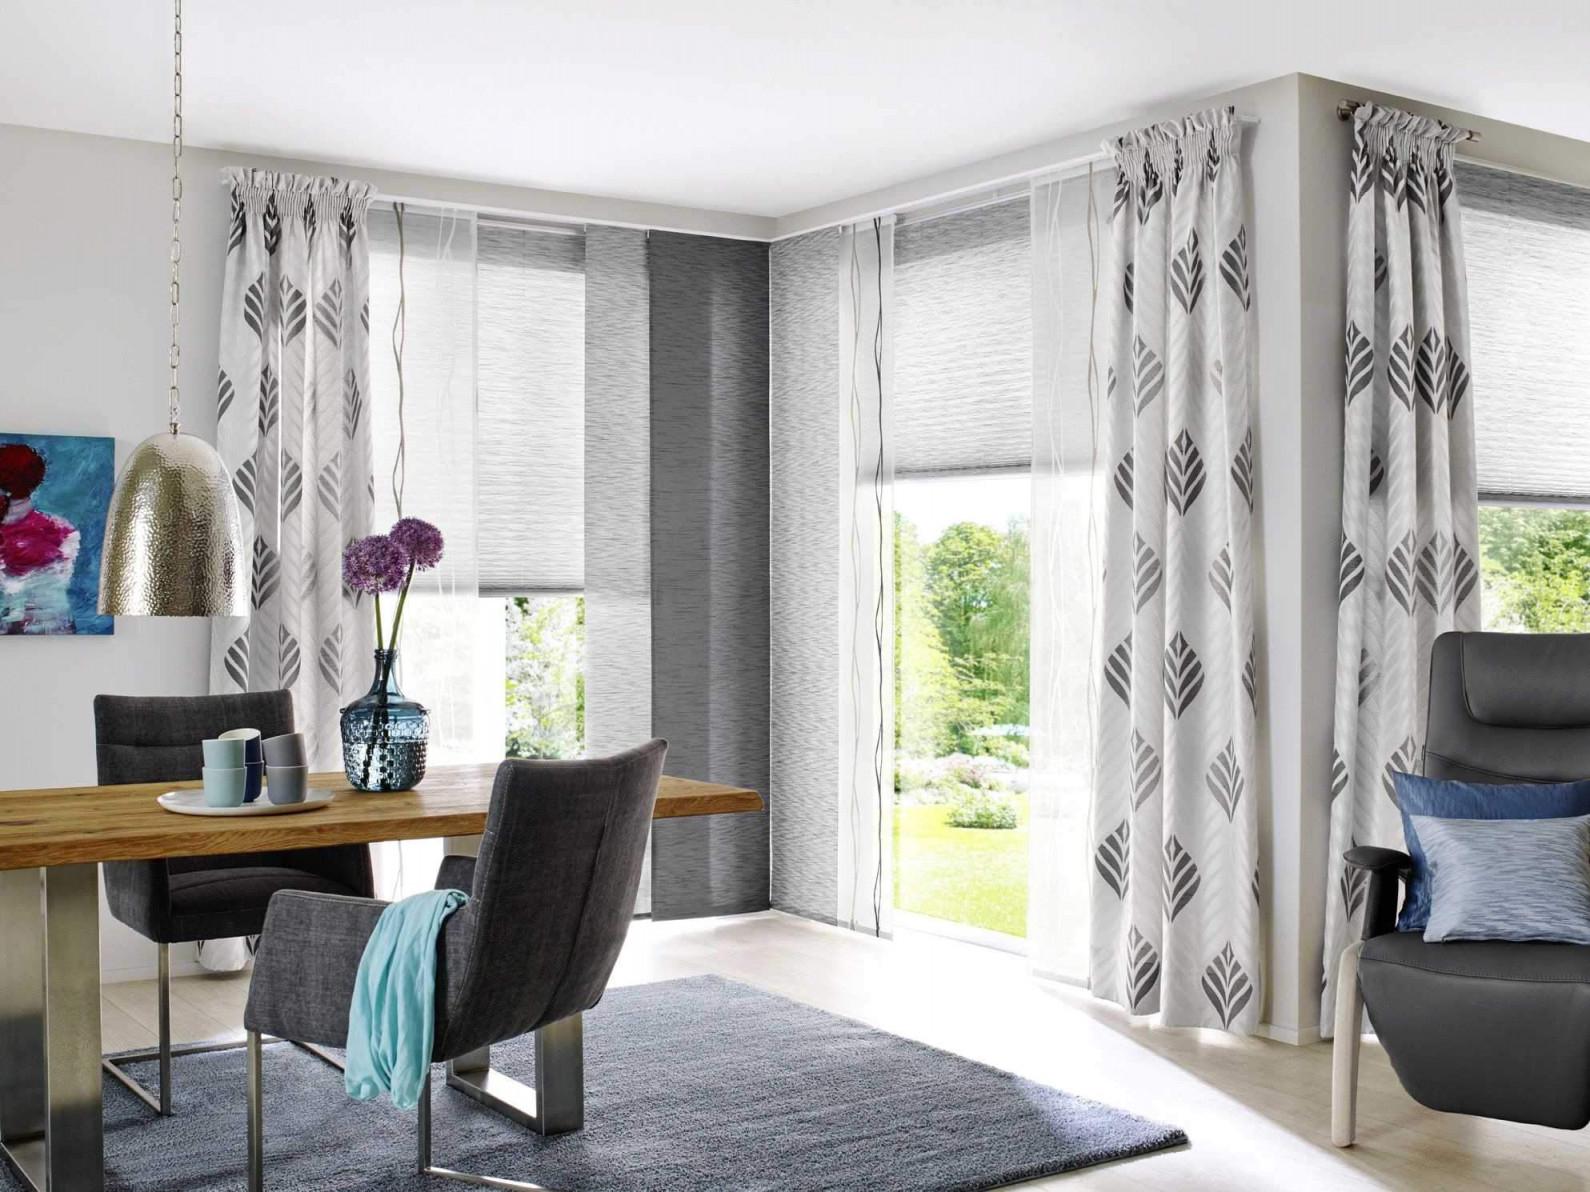 32 Einzigartig Gardinen Wohnzimmer Modern Ideen Schön von Wohnzimmer Gardinen Grau Modern Photo